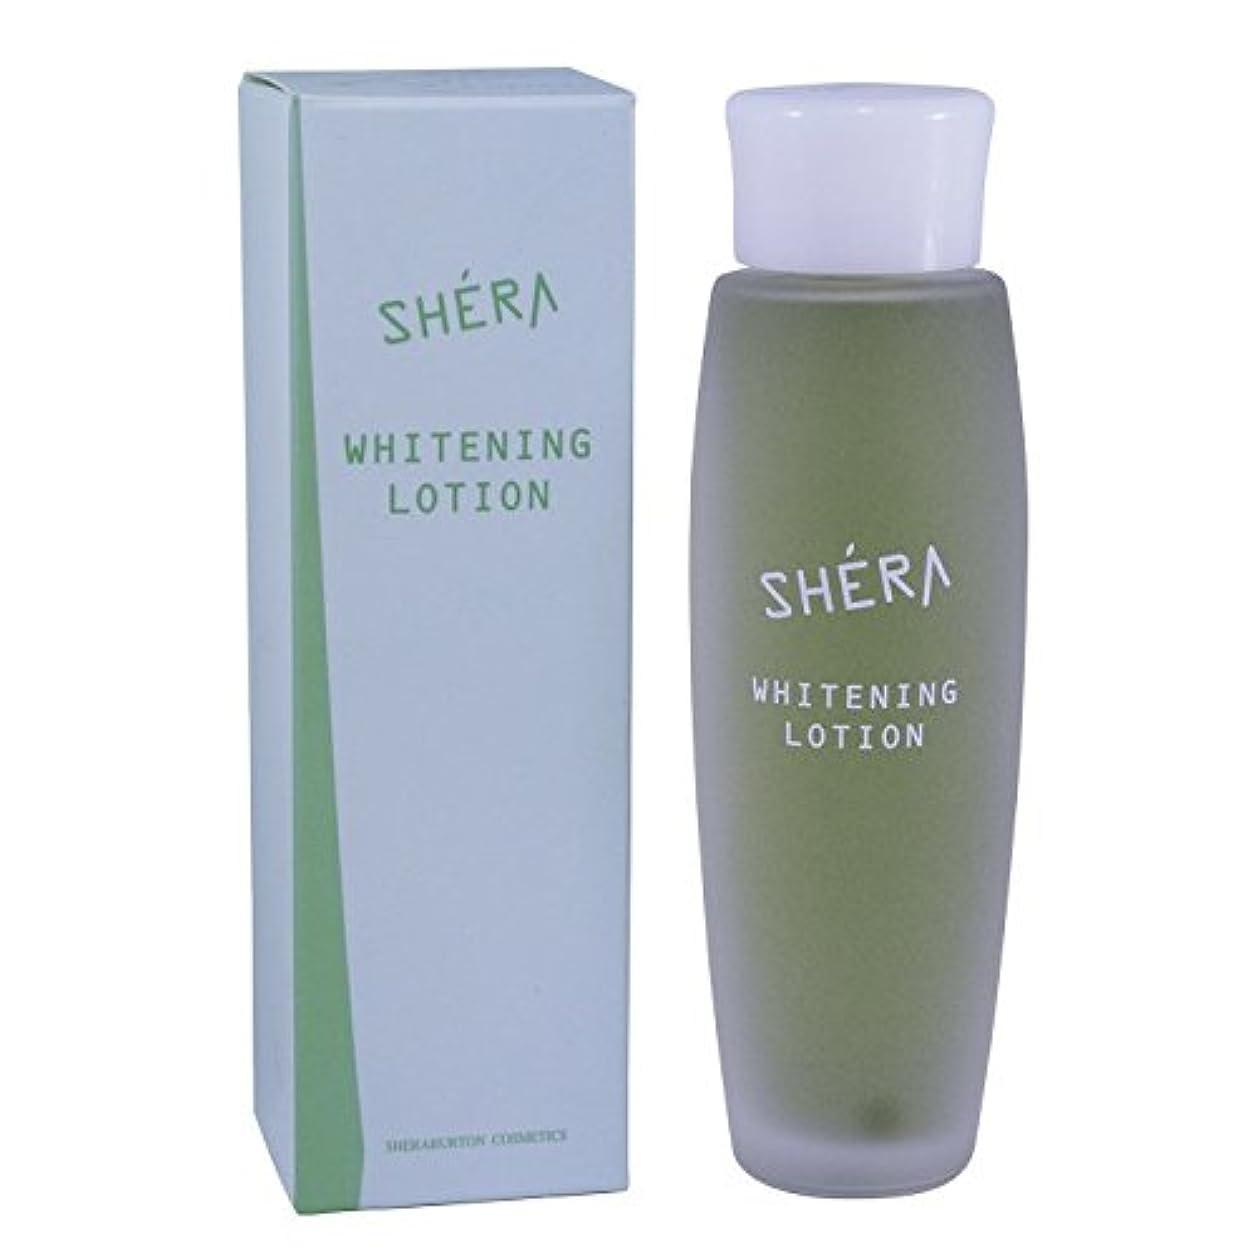 オーク鑑定同級生SHERA シェラバートン whitening lotionしっとり100ml